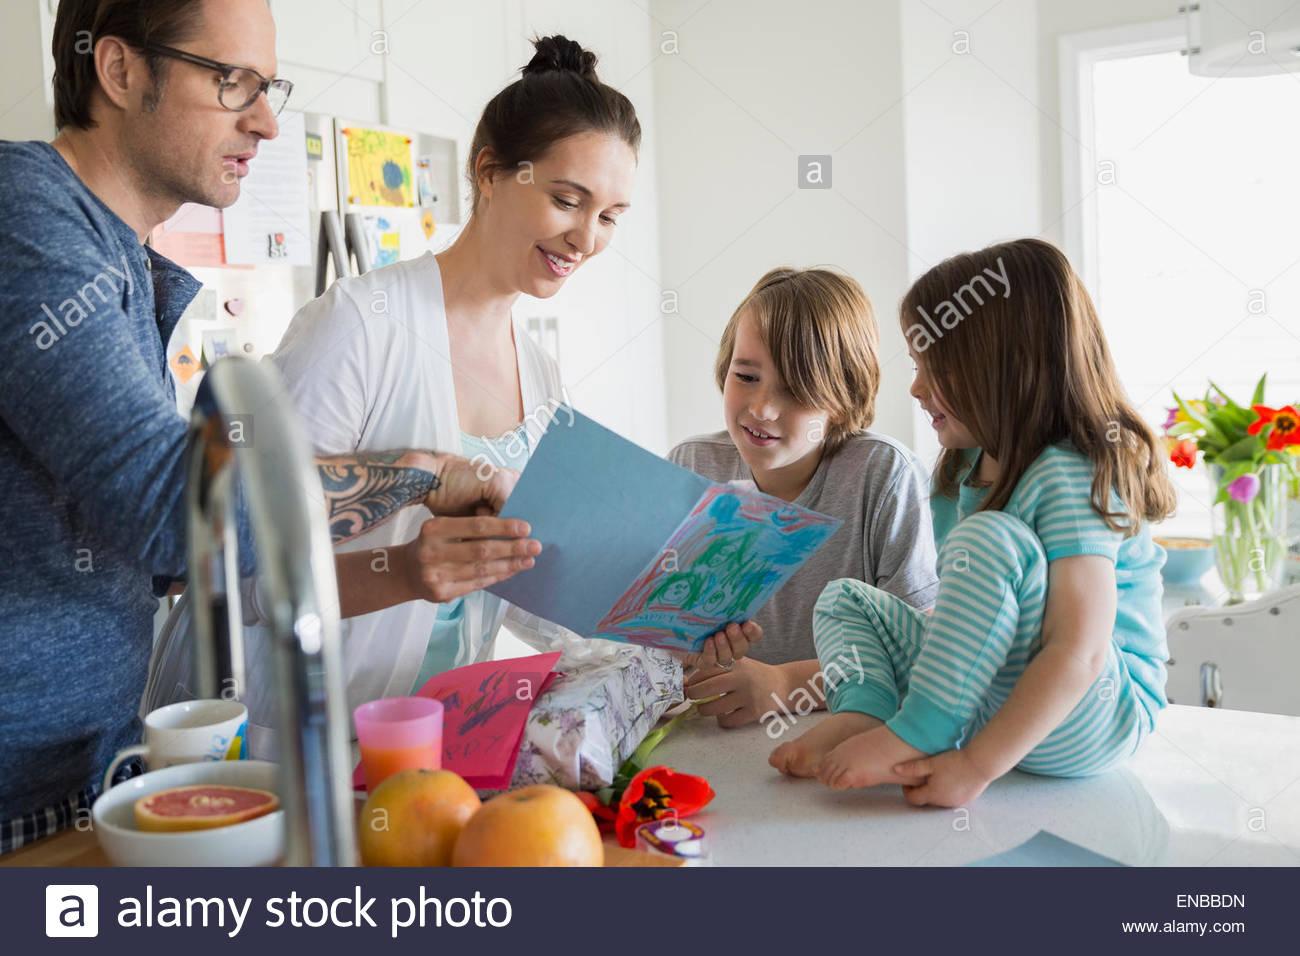 Familie beobachten Mutter lesen Sie hausgemachte Muttertag Karte Stockbild